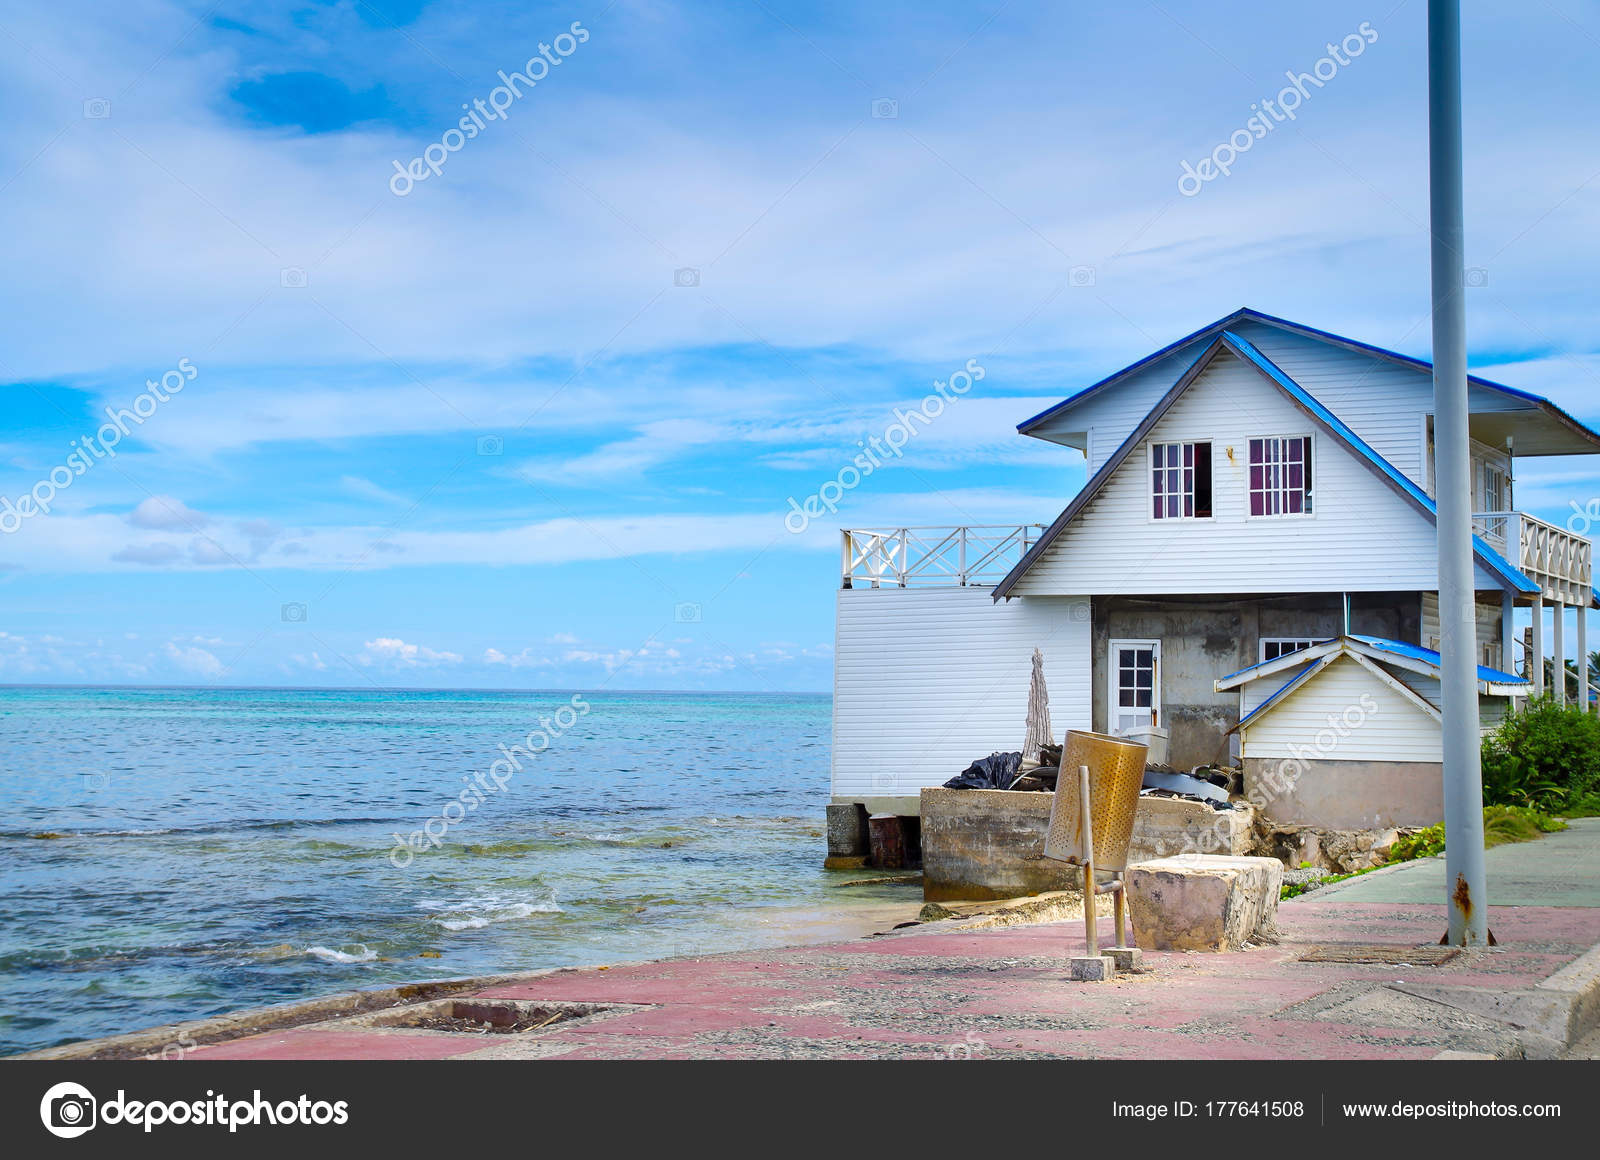 8f9d0385af0fc Vista exterior de una casa en la orilla de la playa en un día soleado en